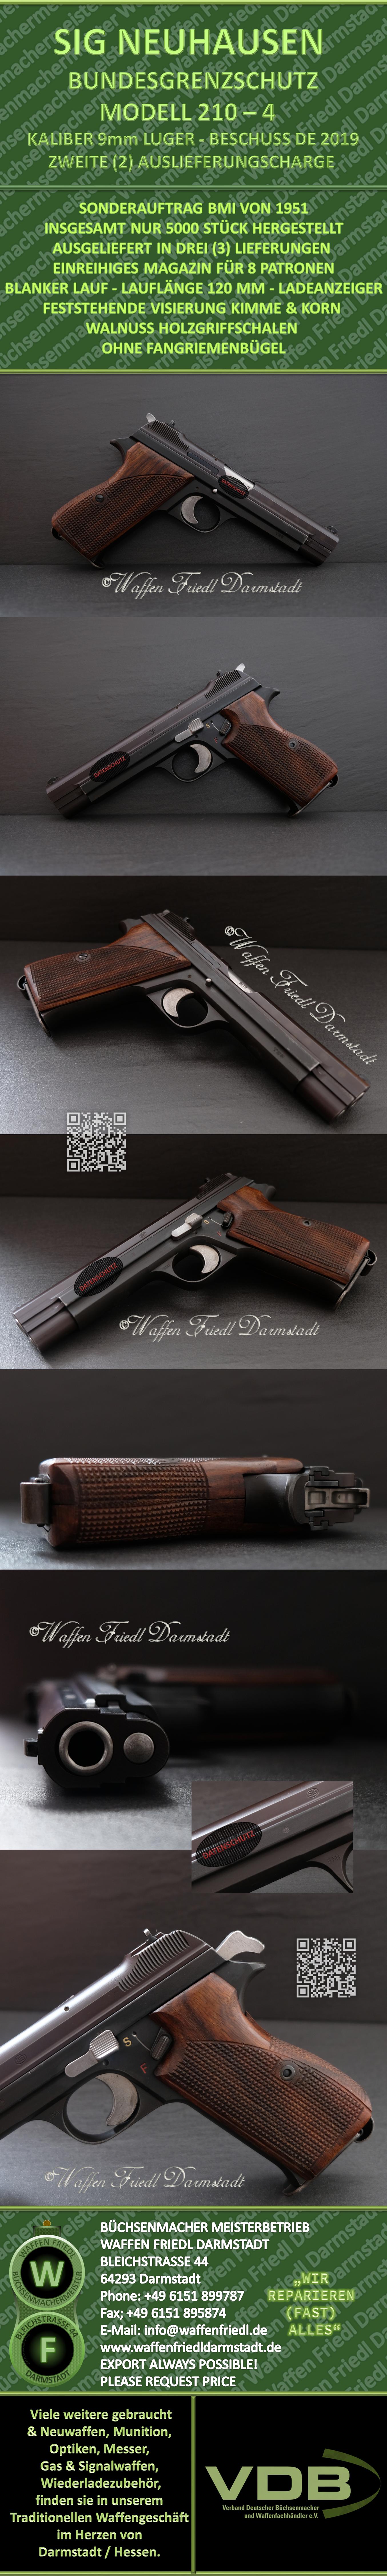 SIG 210-4 BUNDESGRENZSCHUTZ - KALIBER 9mm LUGER - NEUWERTIGER GESAMTZUSTAND